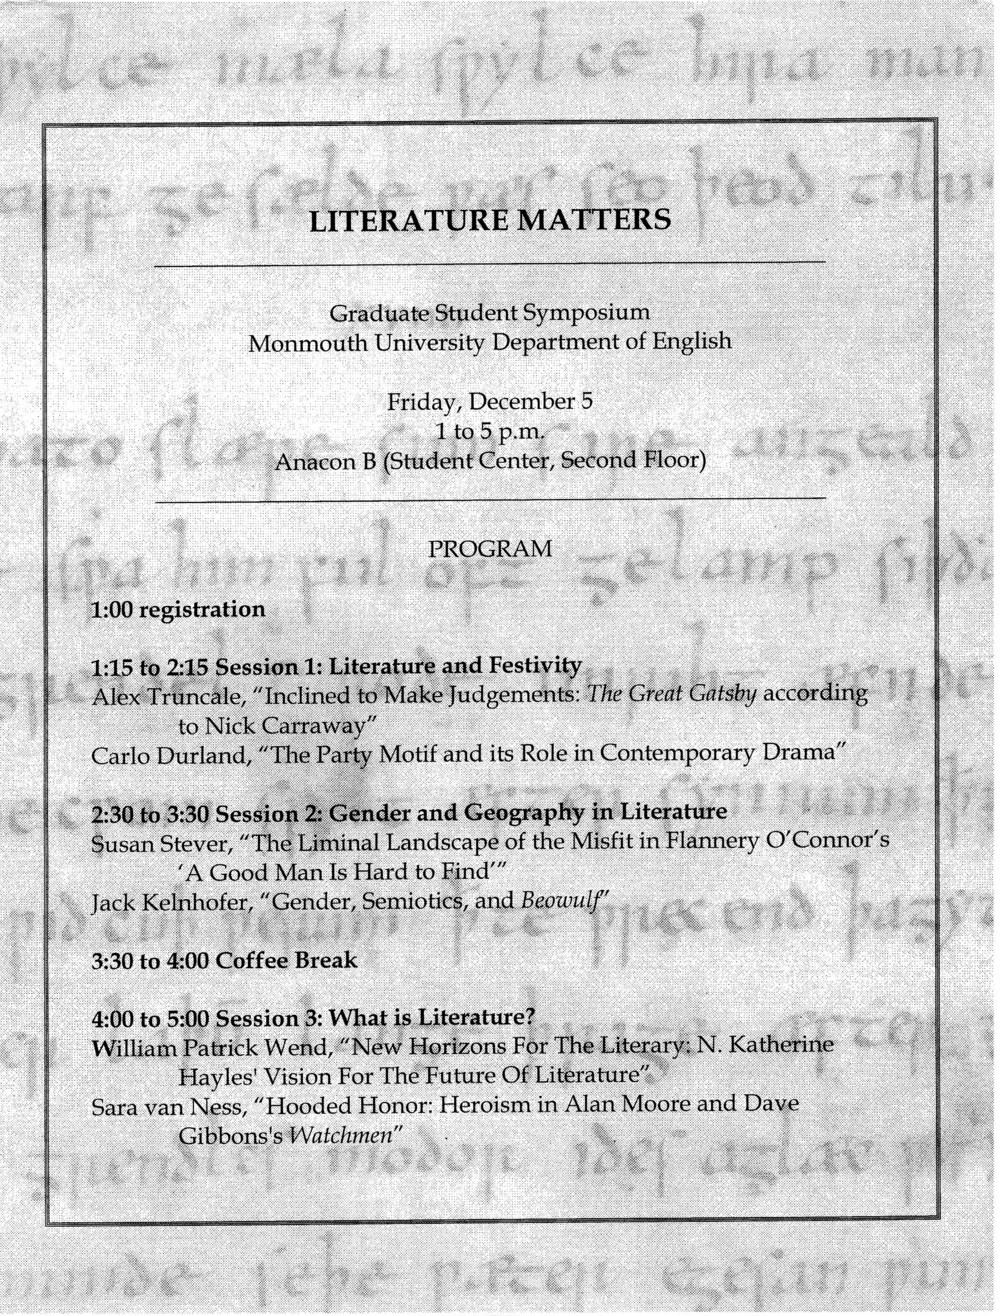 f08_literaturematters.jpg